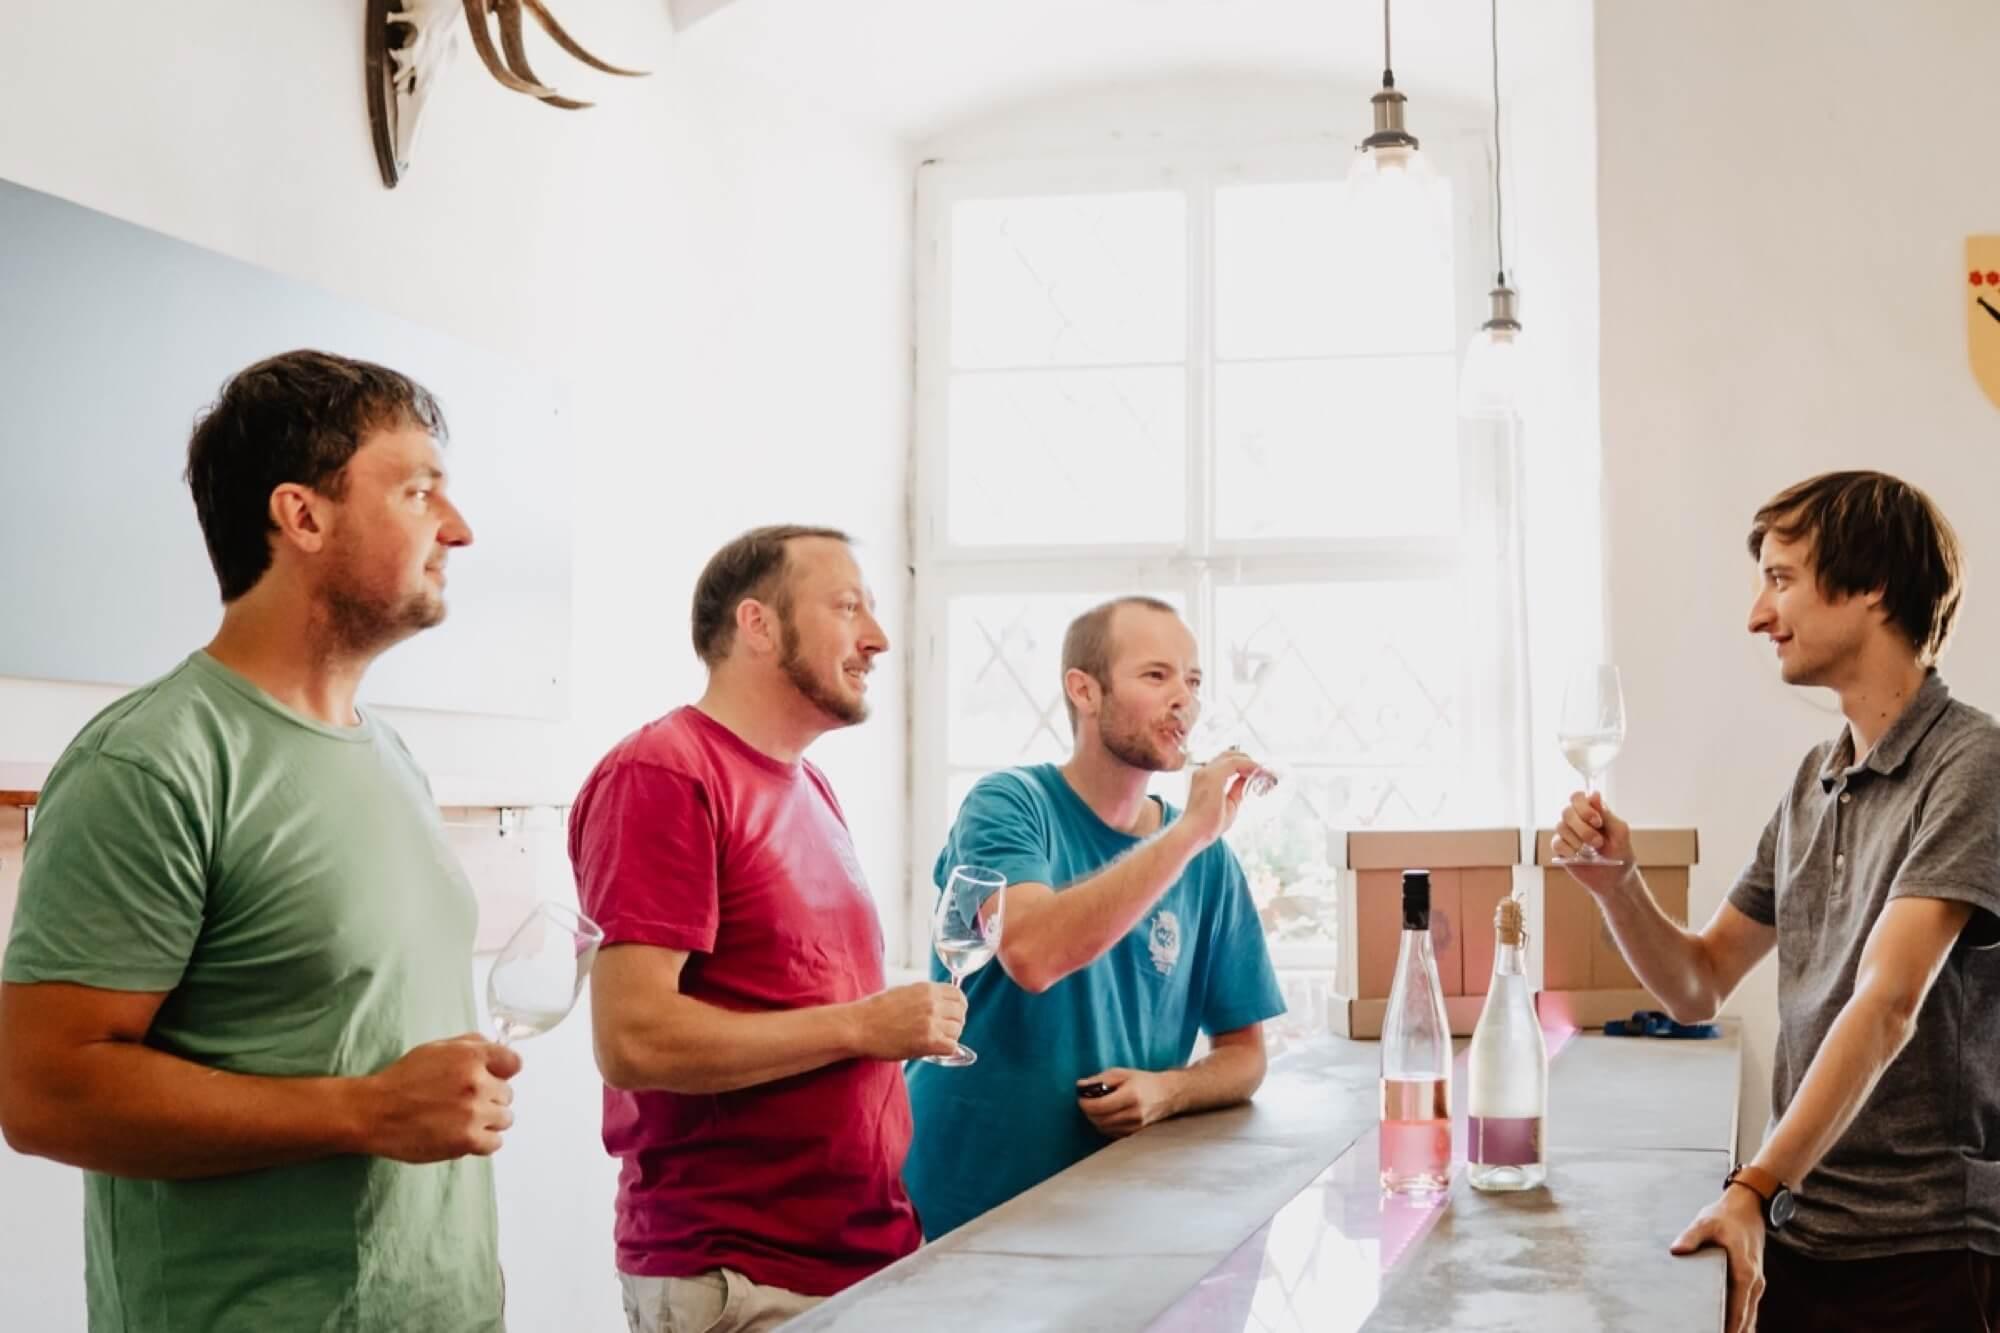 Weinprobe mit dem Winzer -Wein von 3- des fränkisches Bio Weingut auf Schloß Zeilitzheim in Franken in der Nähe von Würzburg_Wein von 3_Fotograf Selene adores_13